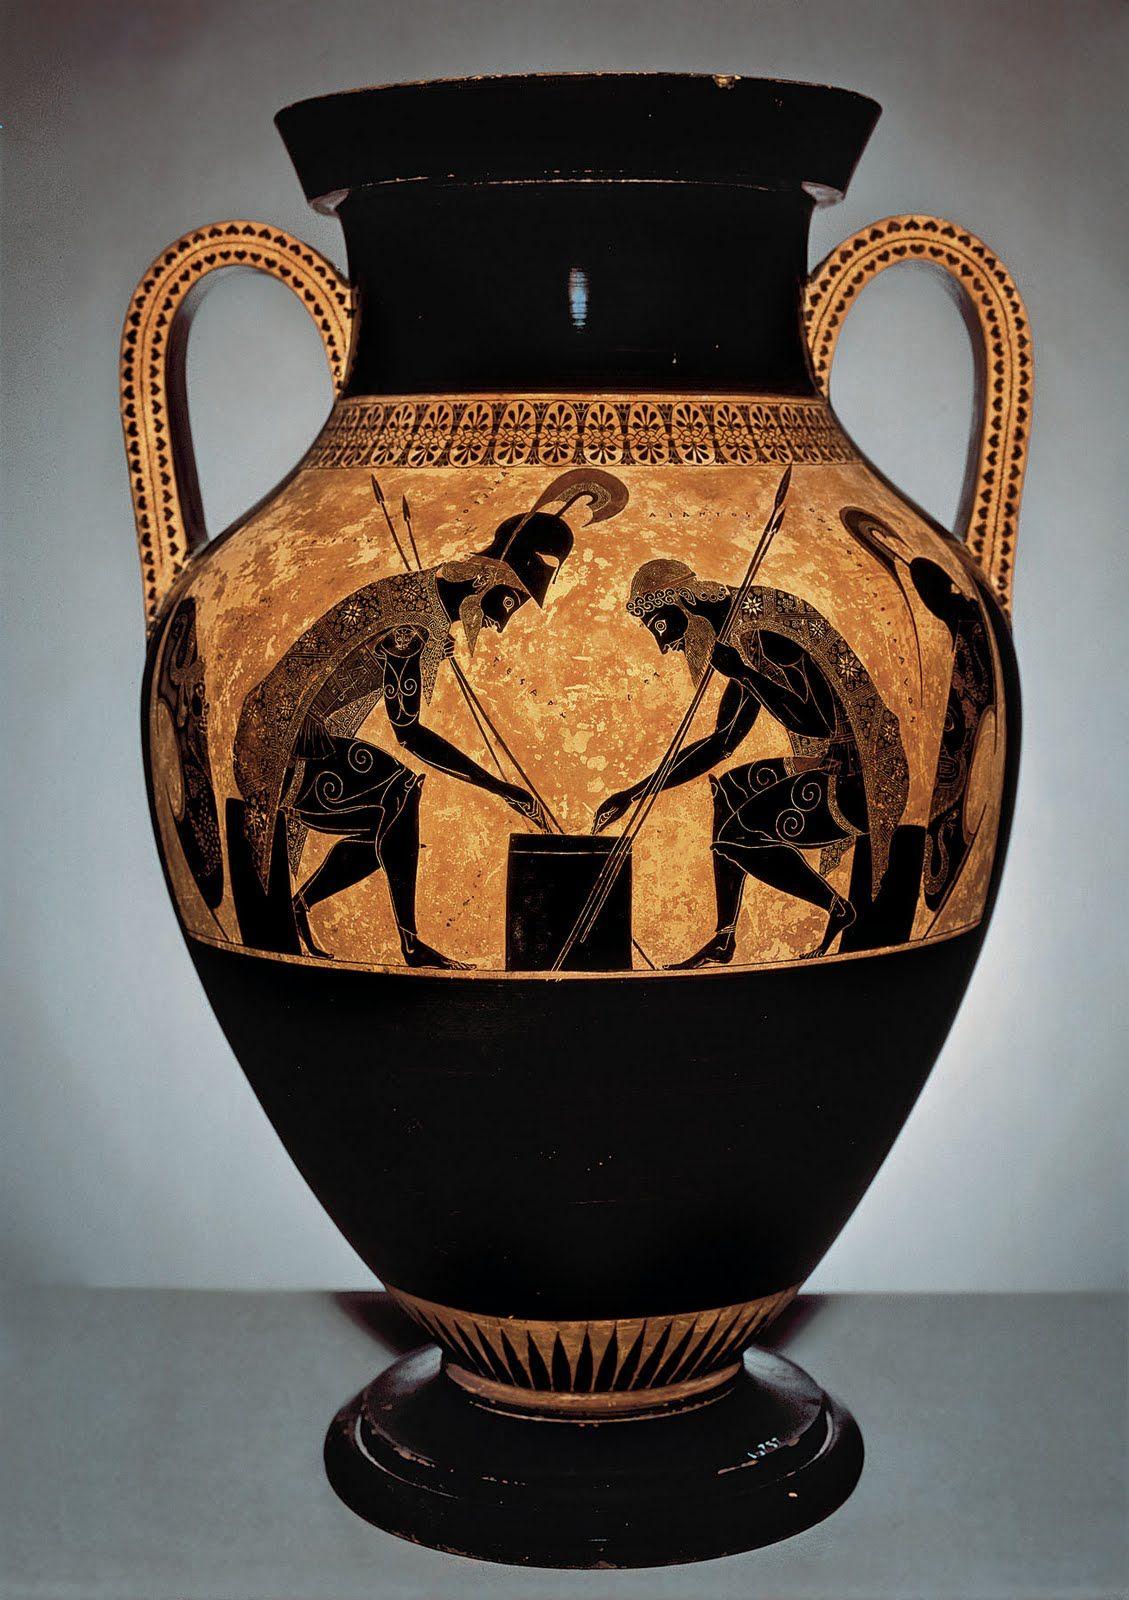 엑세키아즈Exekias가 만든 항아리. 보드게임을 하고 있는 아킬레스와 아작스가 그려져 있다. 기원전 530년 경. Achilles and Ajax playing dice